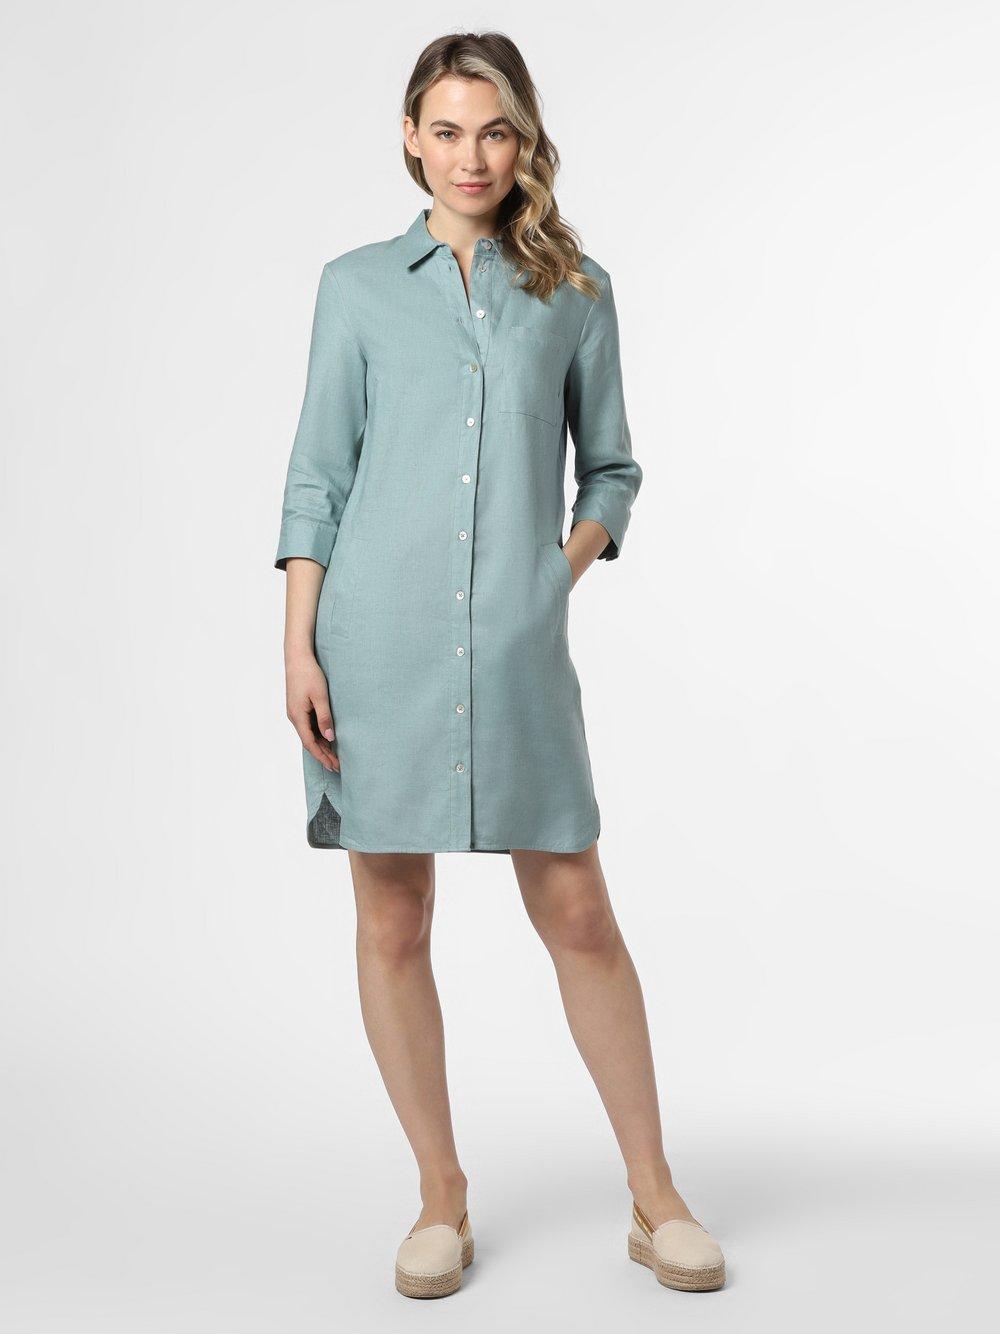 Apriori - Damska sukienka lniana, niebieski